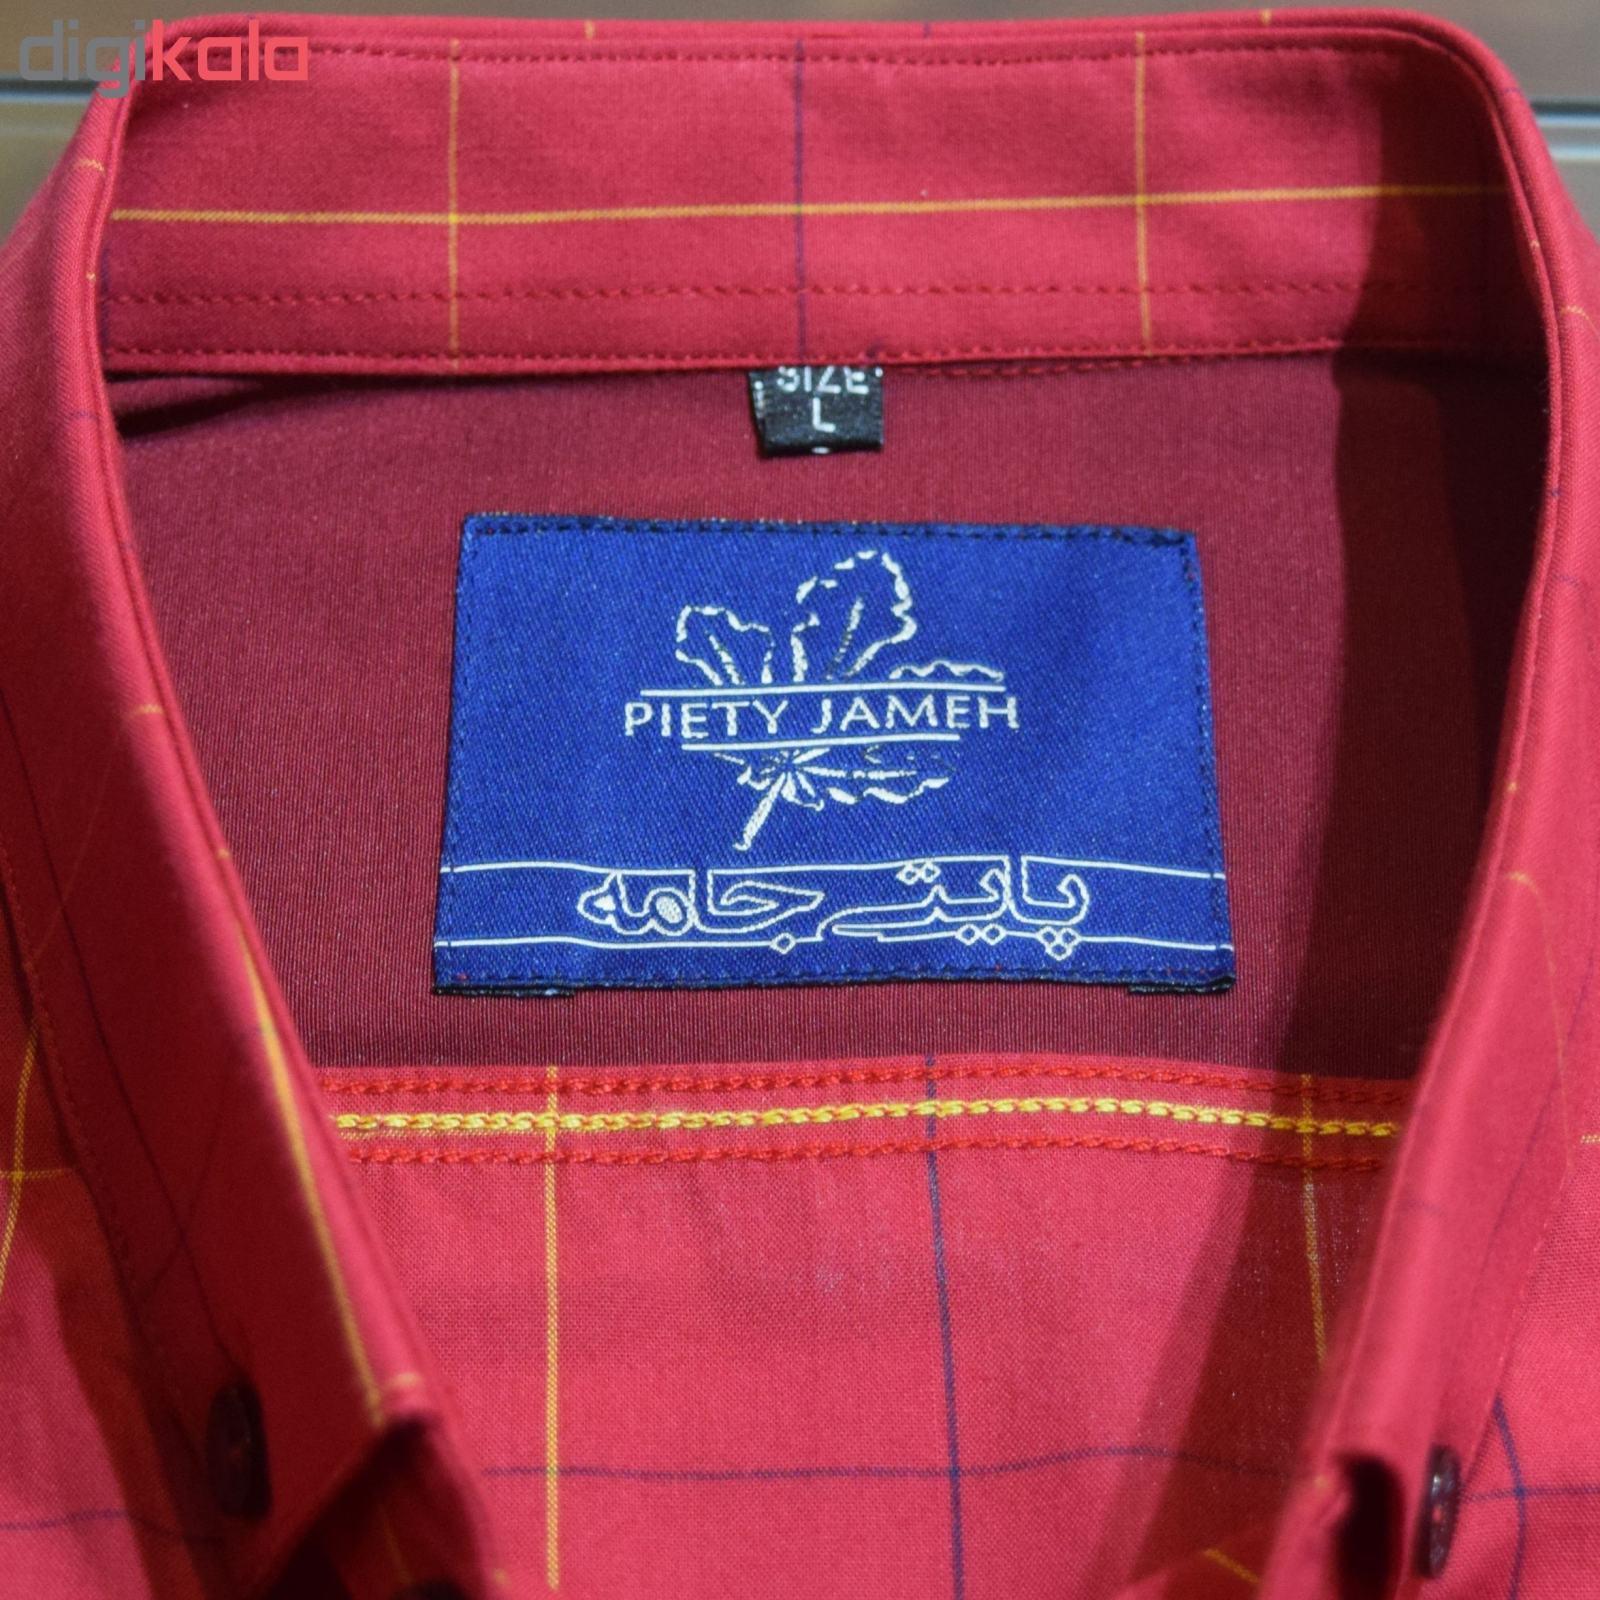 پیراهن مردانه پایتی جامه کد 1901516 main 1 2